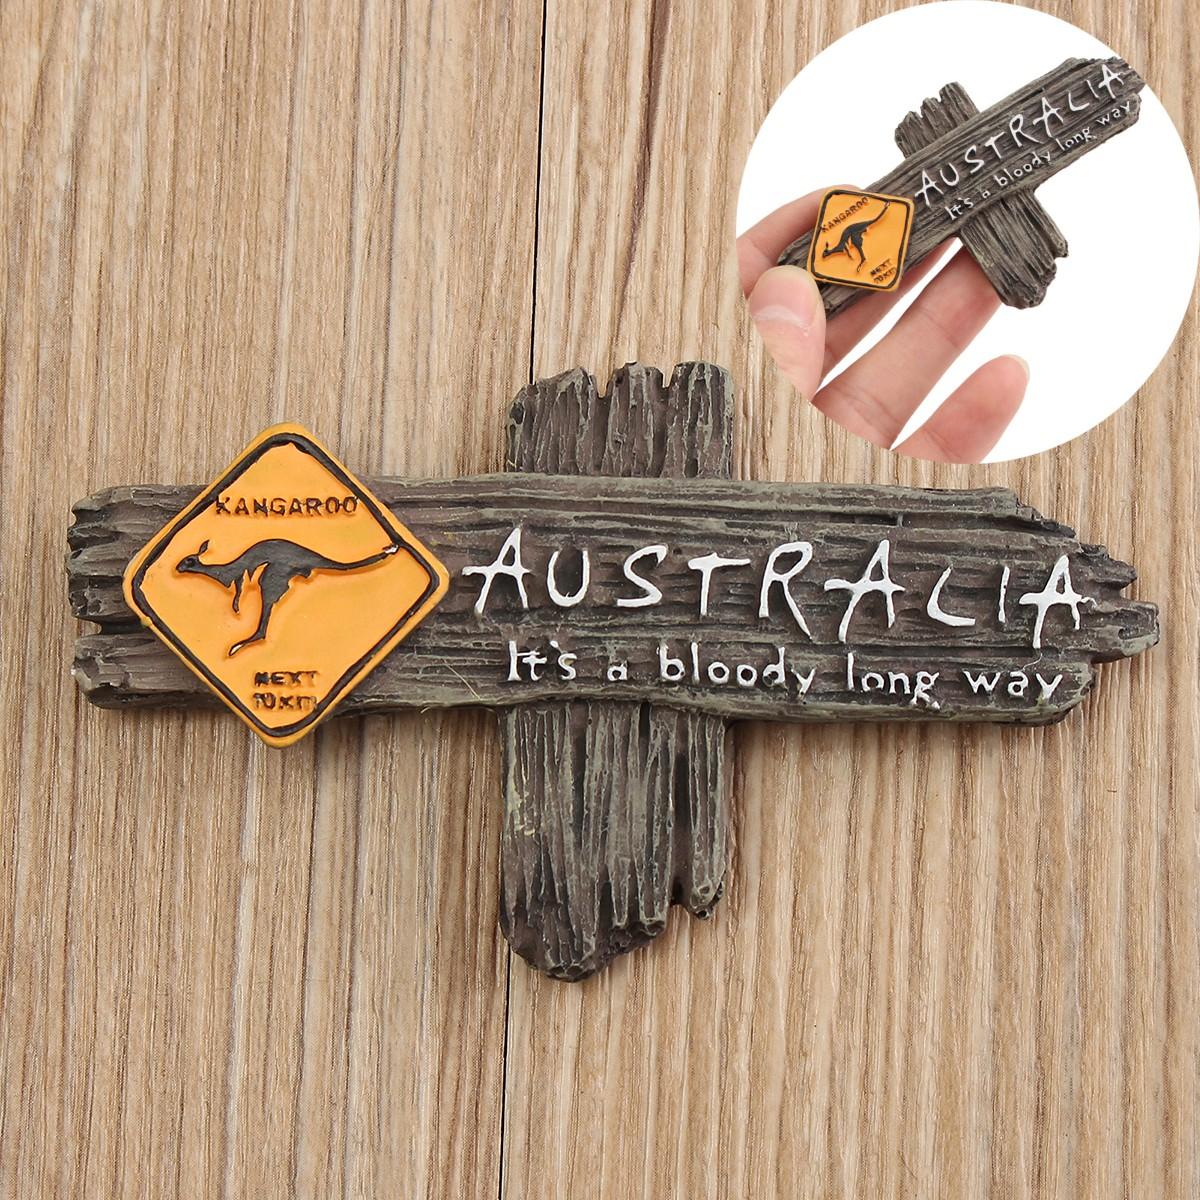 Australia Bloody Long Way Kangaroo Warning Roadsign Resin Gift Souvenir 3D Fridge Magnet